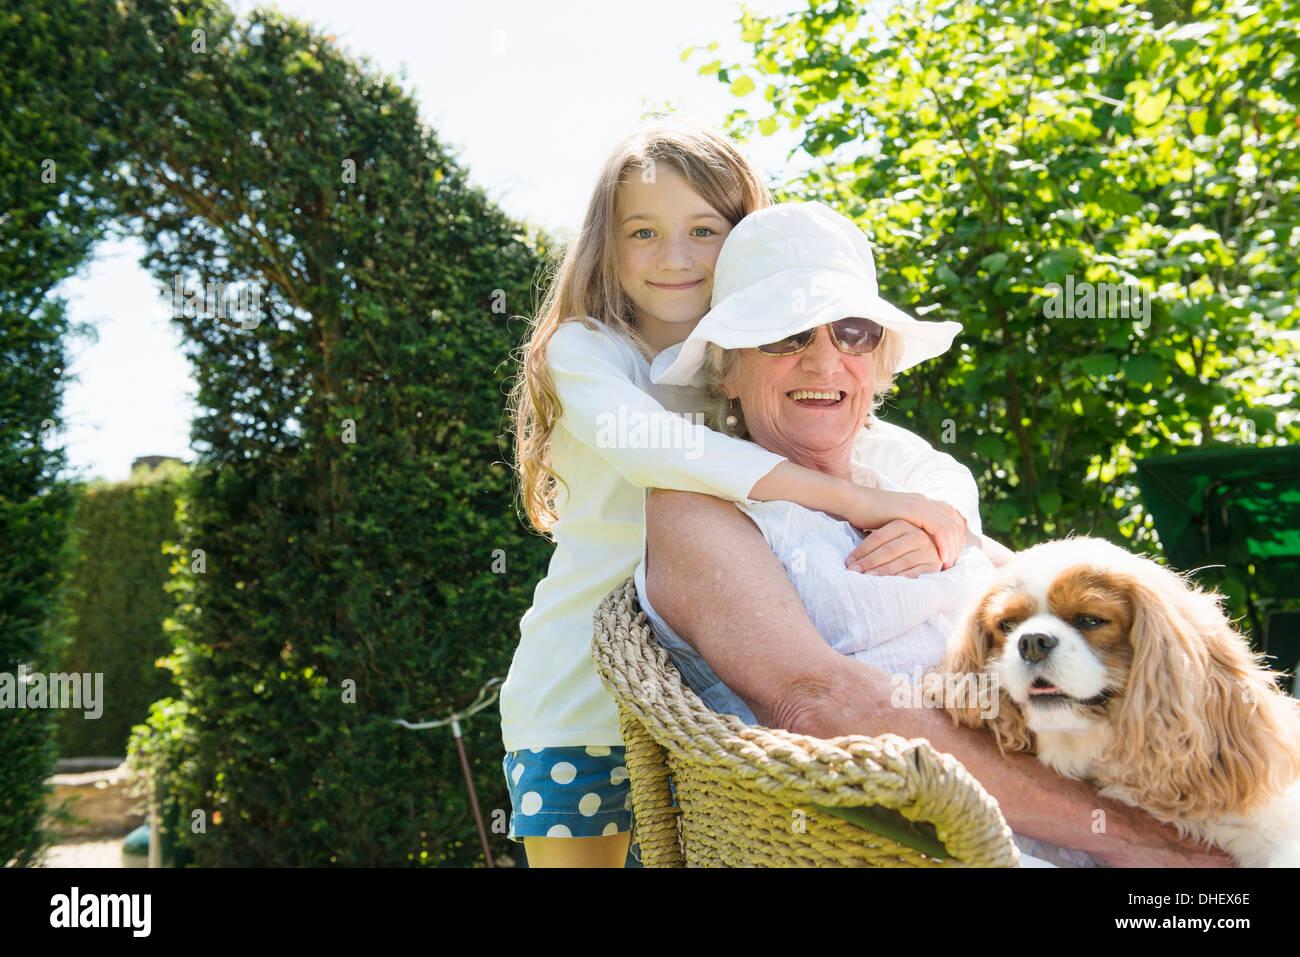 Retrato de abuela y nieta con perro Imagen De Stock